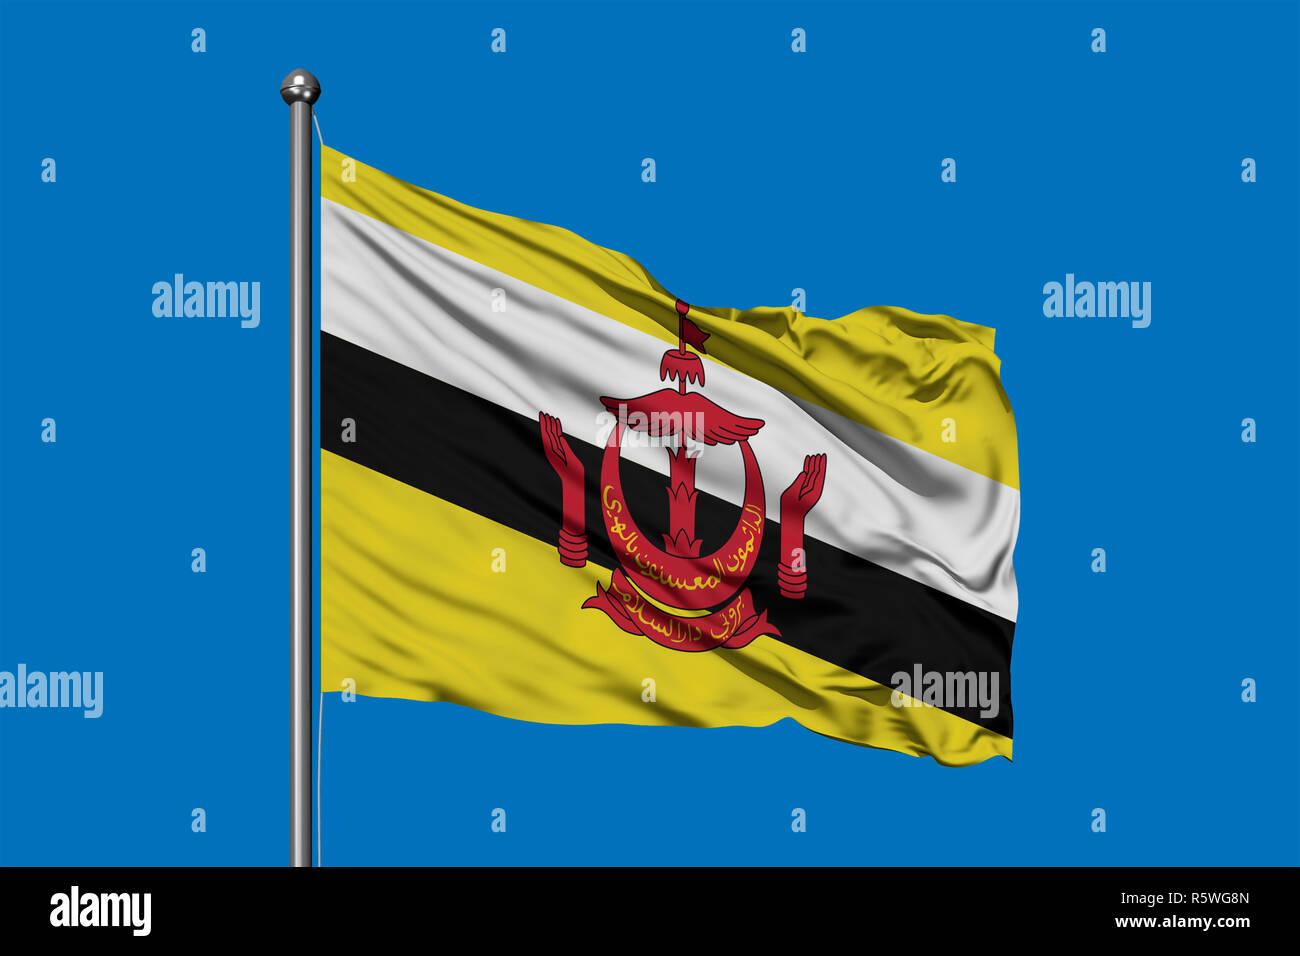 Bandiera del Brunei sventolare nel vento contro il profondo blu del cielo. Bruneian bandiera. Immagini Stock